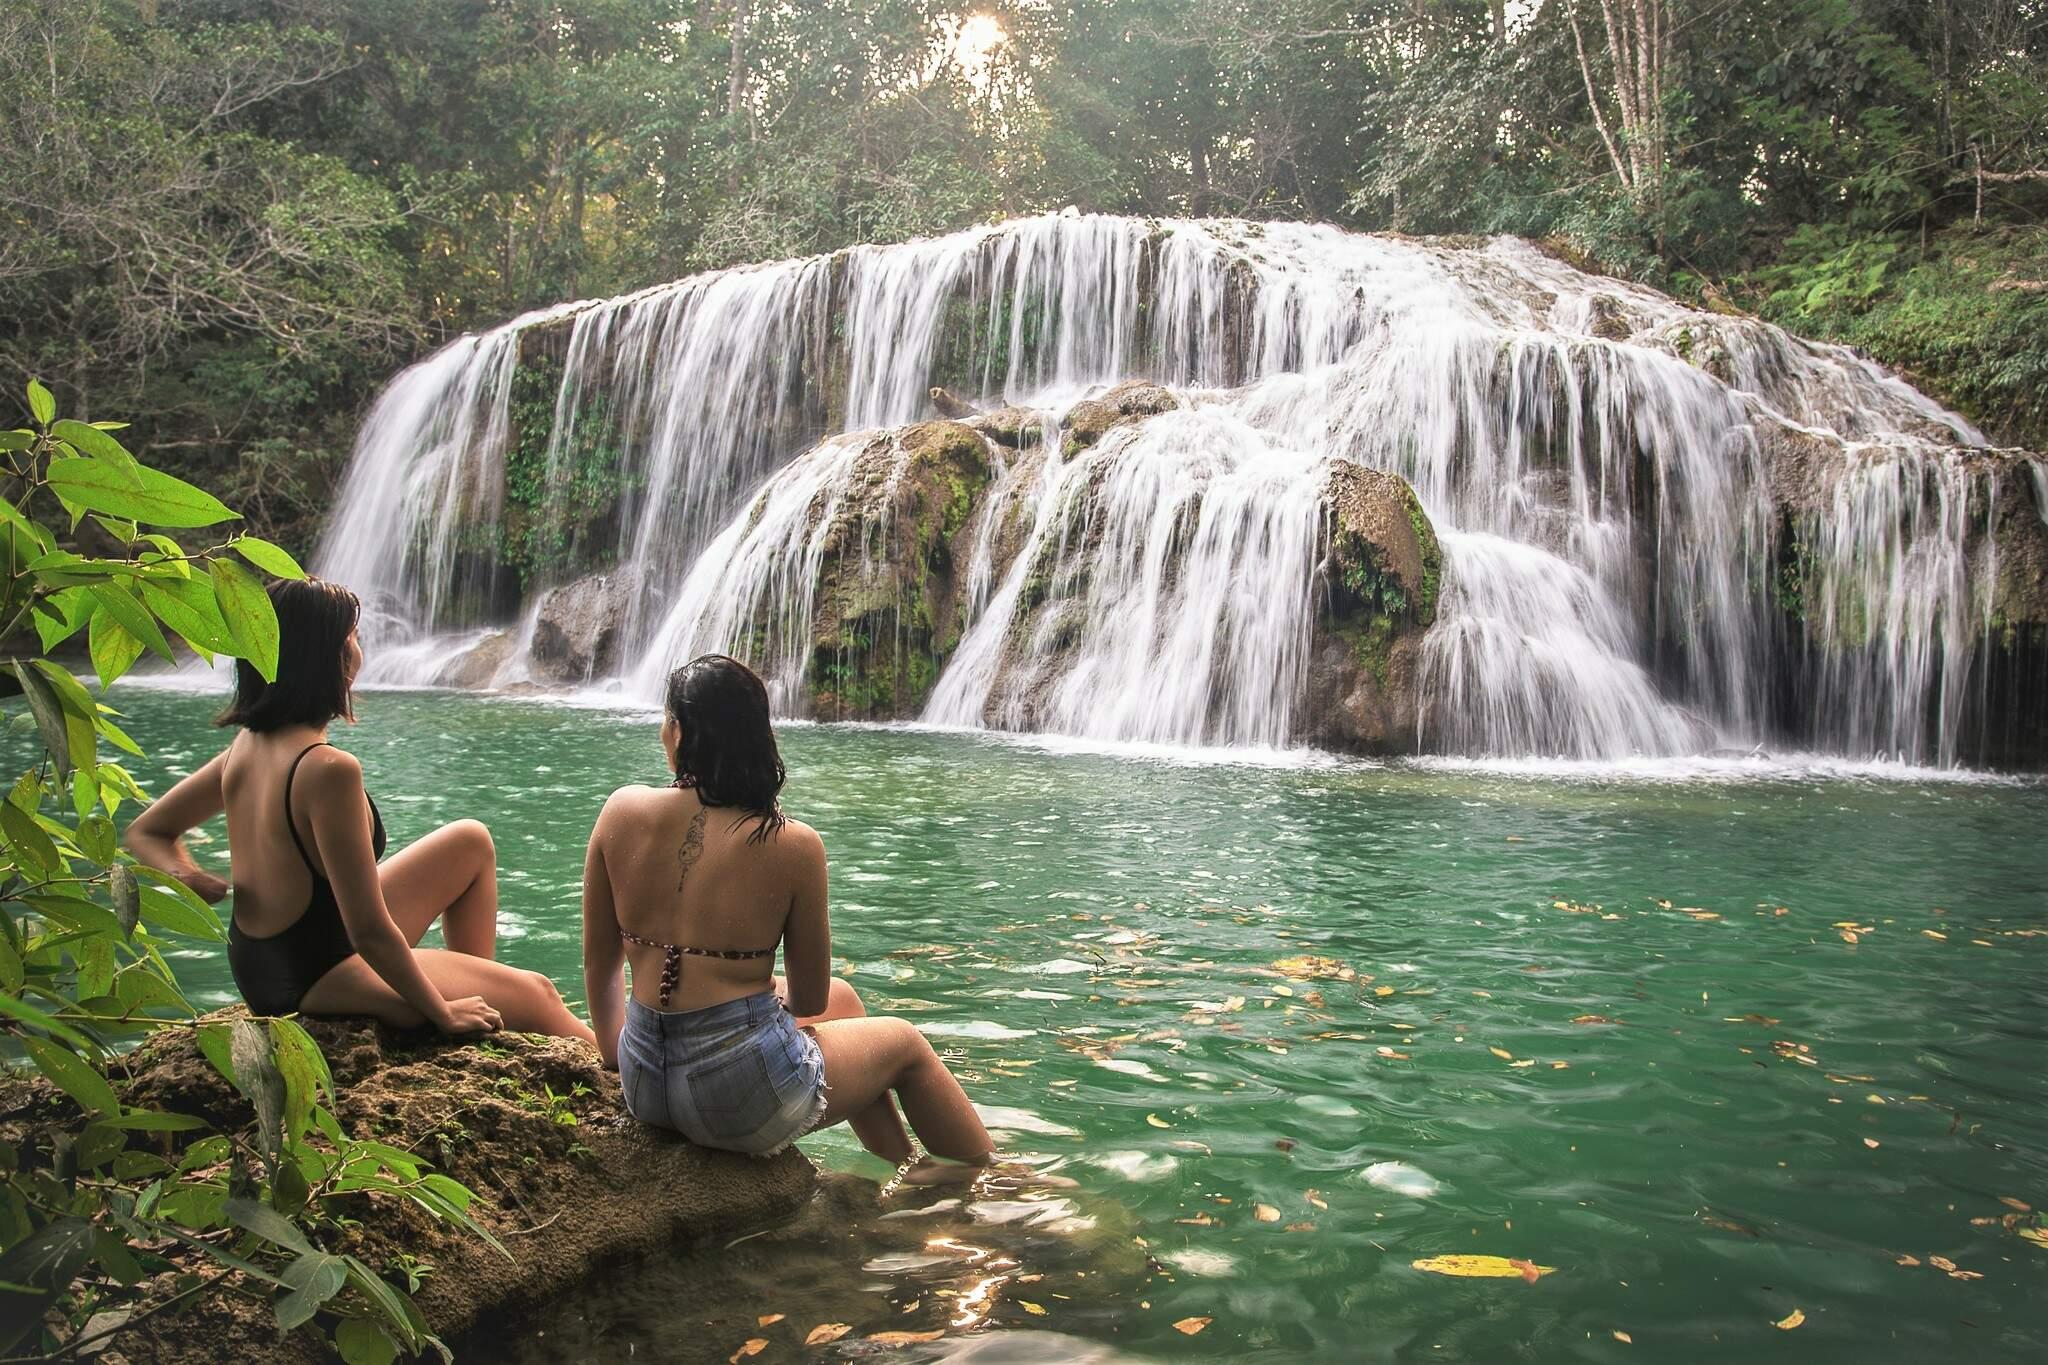 Cachoeira do Sinhozinho é uma das belezas de Bonito (MS) (Foto: Thyago Sabino/Divulgação)